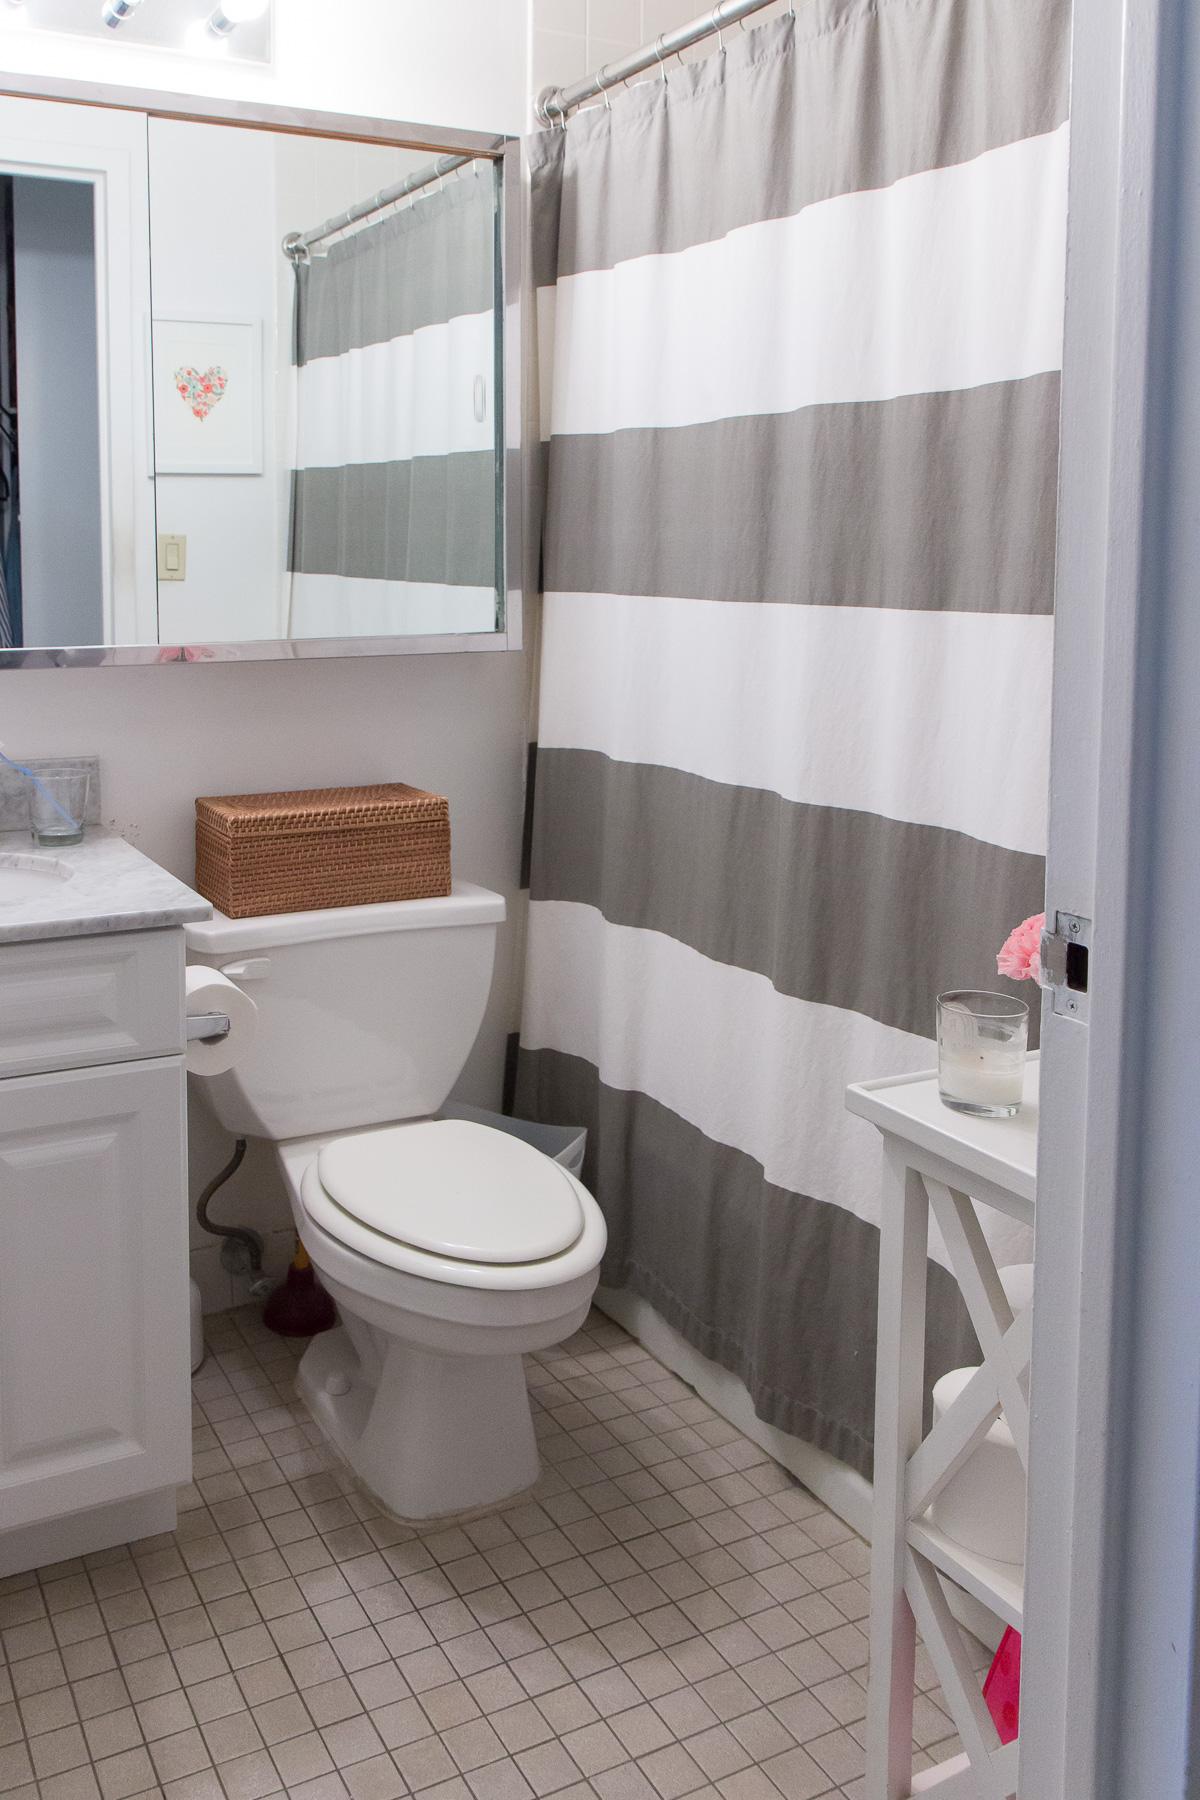 Eileen Fisher Garnet Hill Bathroom Styling 5042